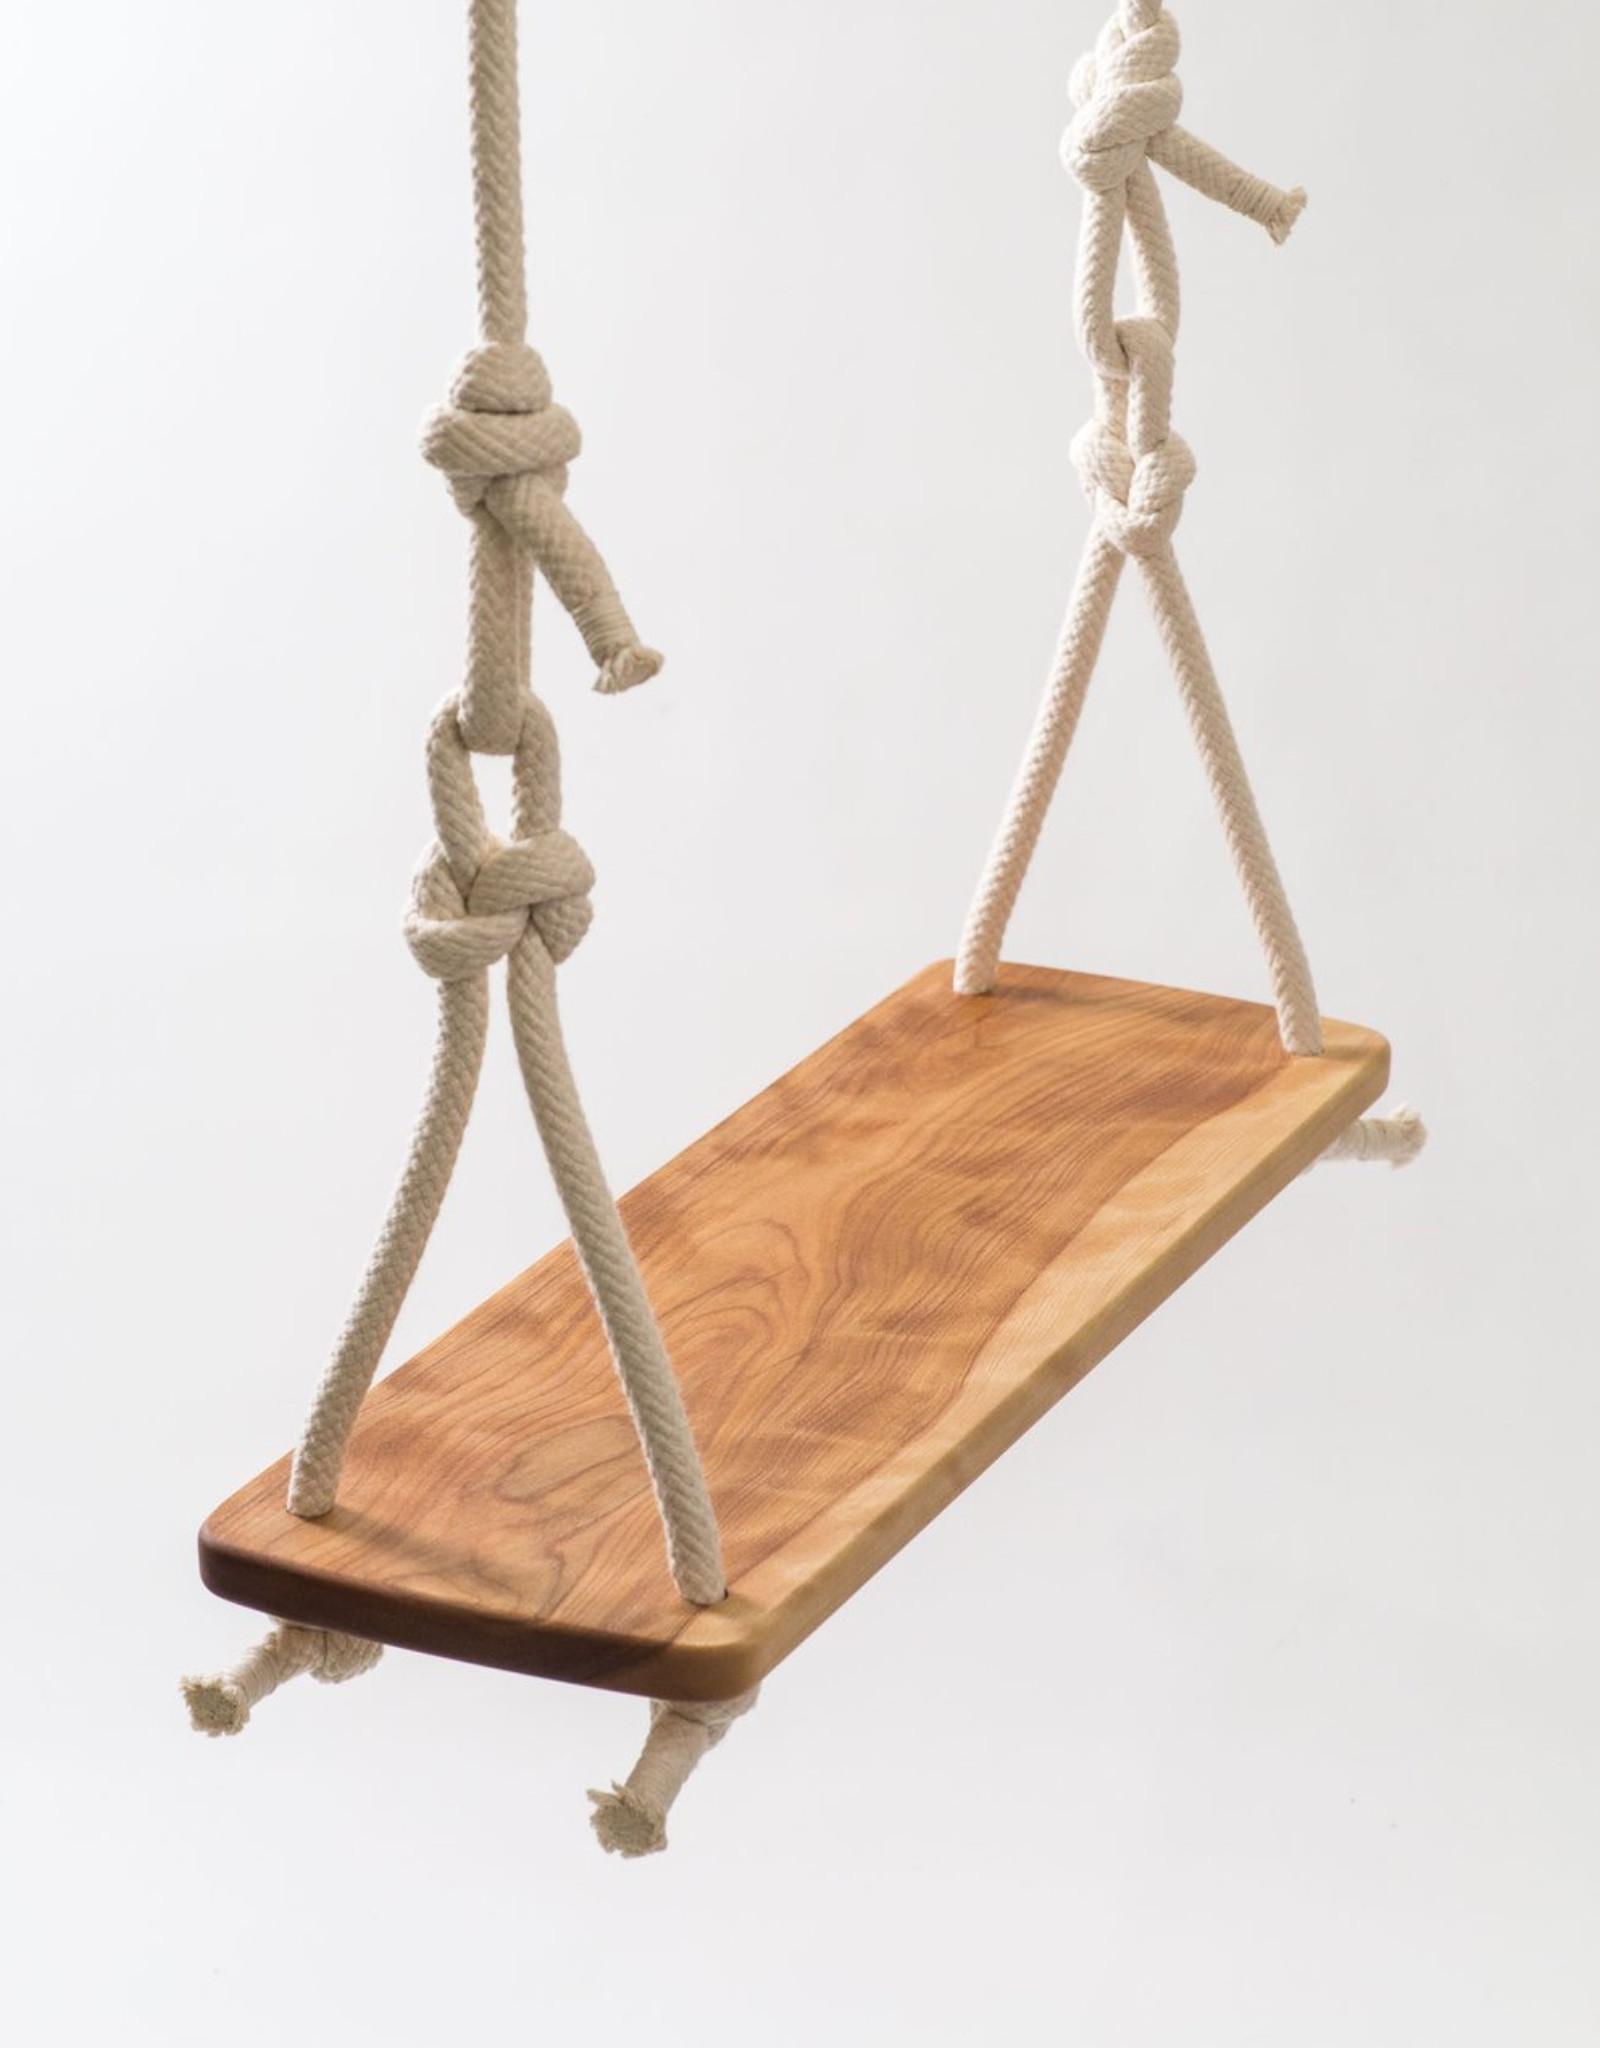 Atelier Bosc Balançoire intérieure rectangulaire - Bois de merisier